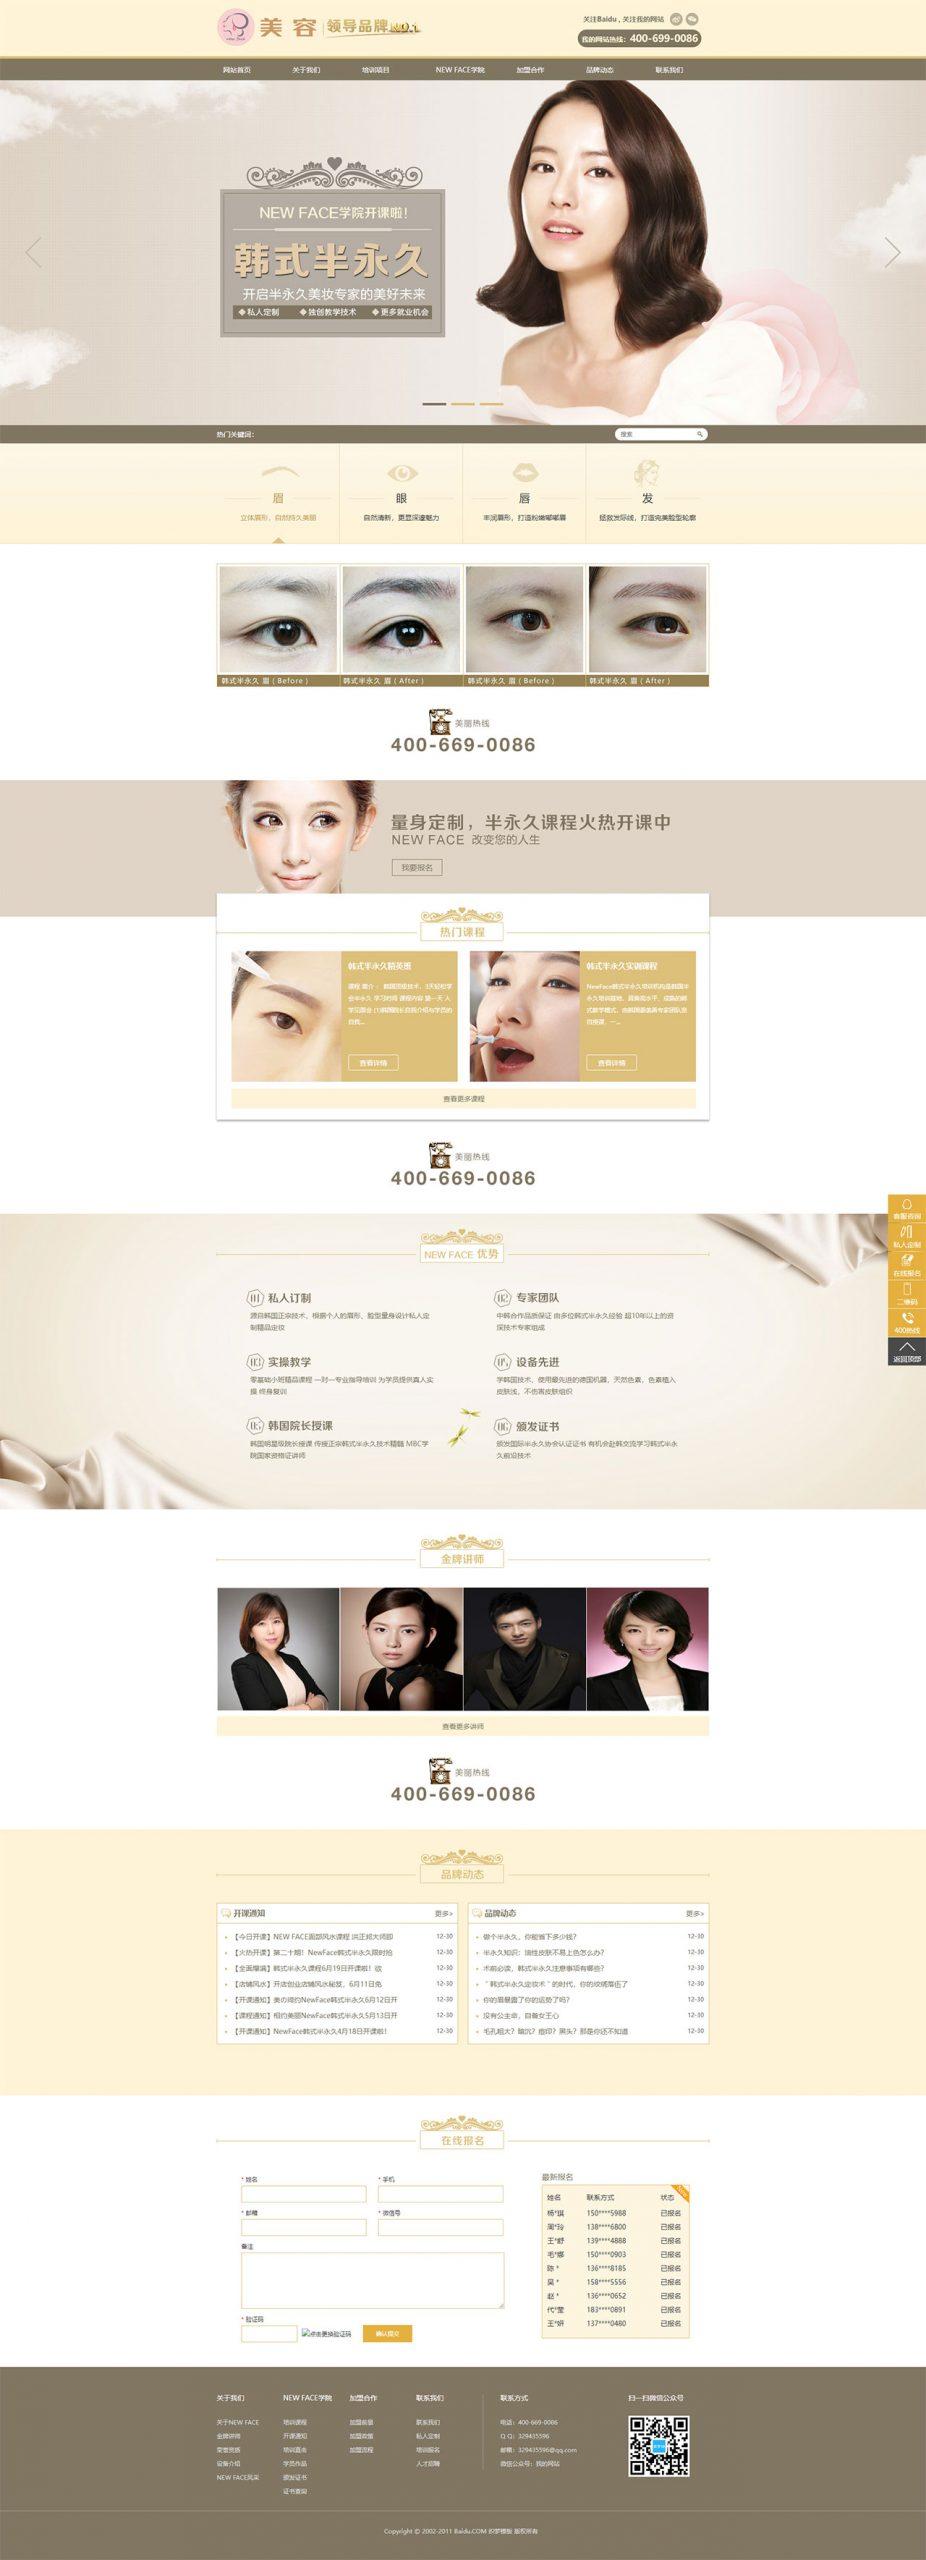 XL-010.美容美发化妆培训学校类官网